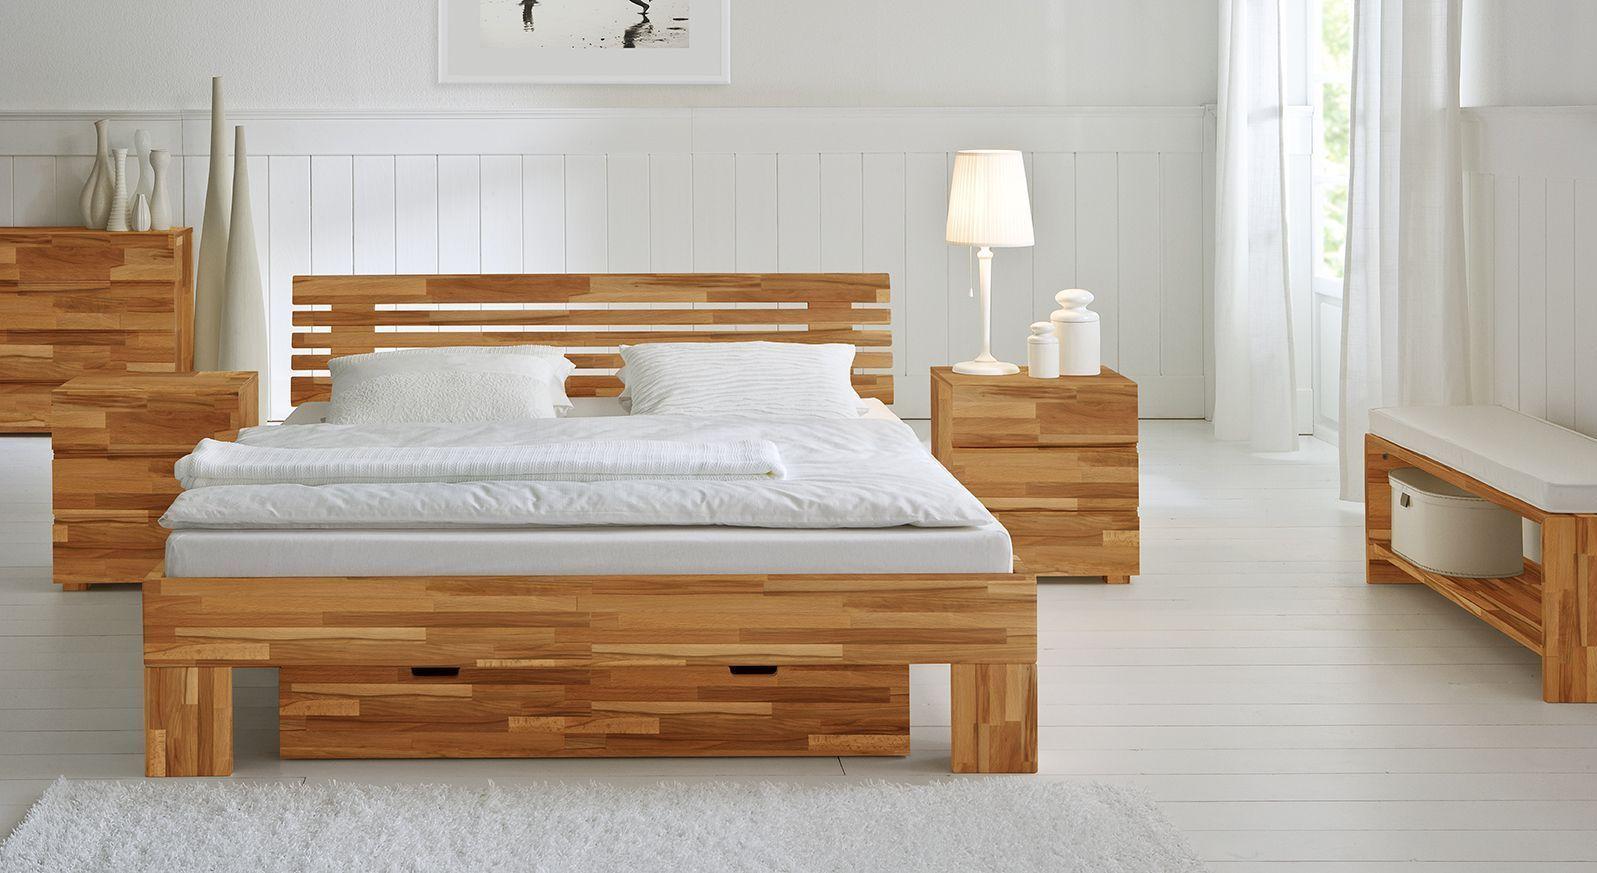 Bett Wood Romance aus Kernbuchen Holz